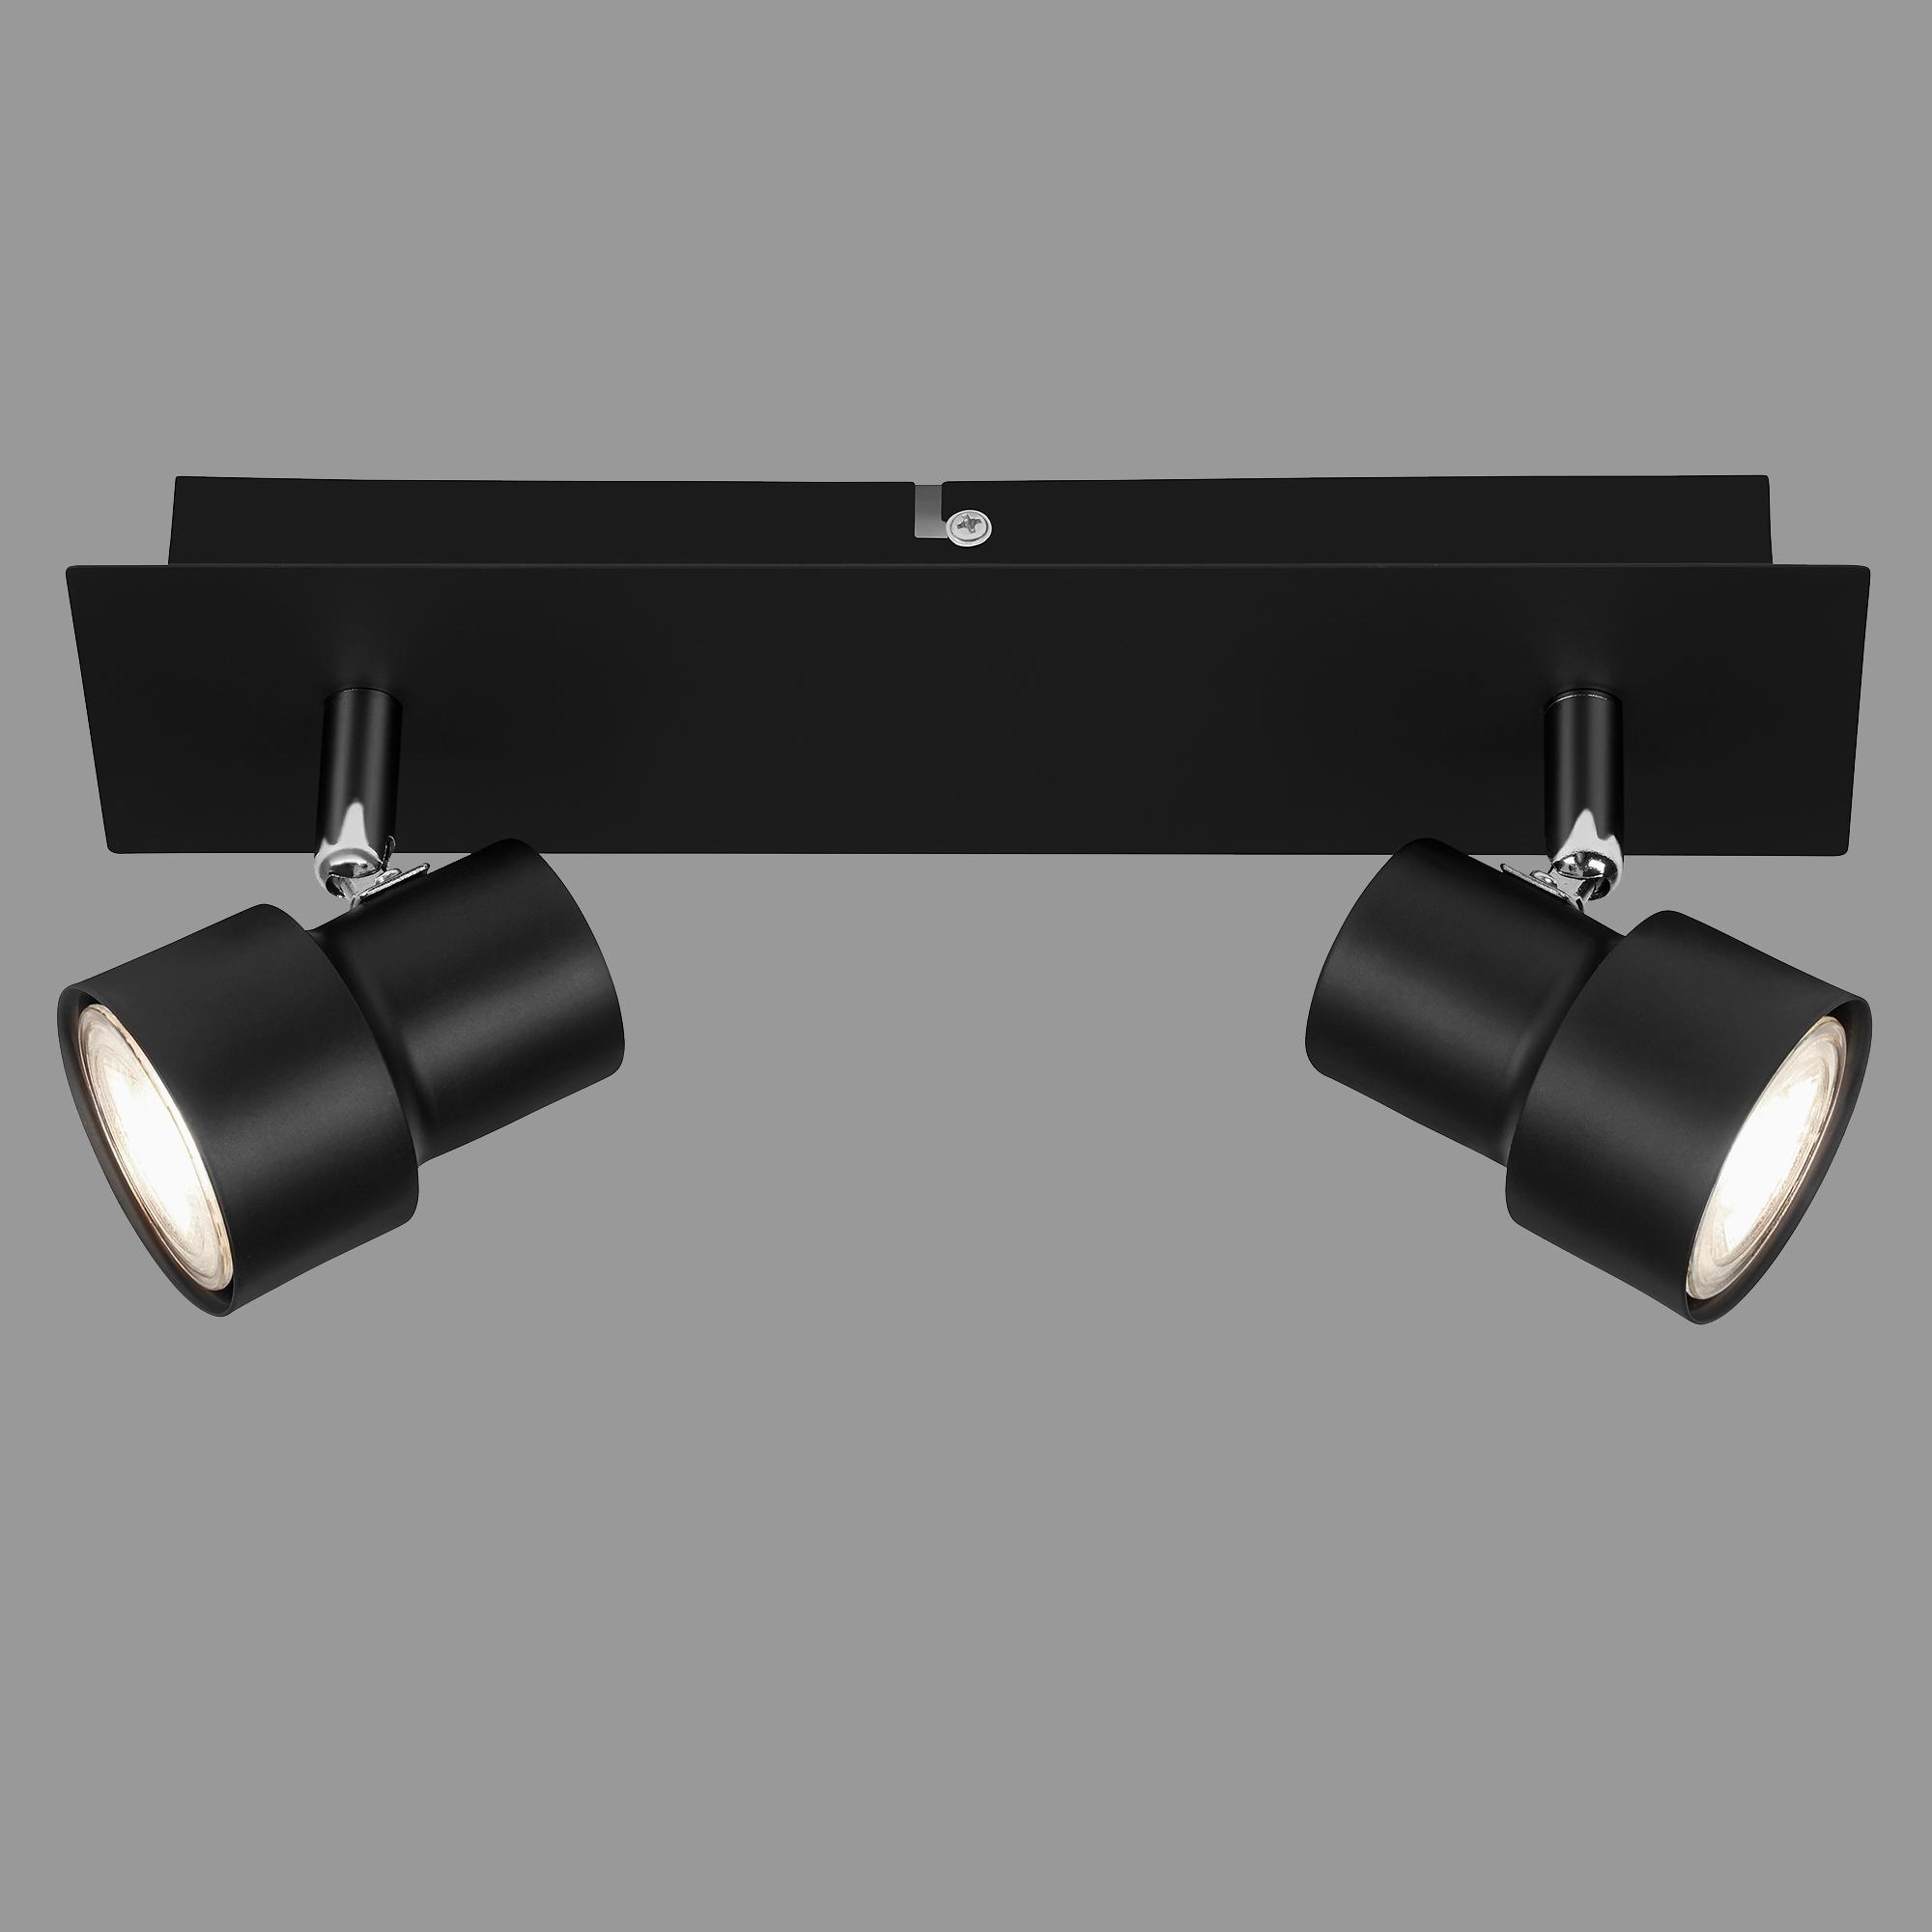 LED Spot Deckenleuchte, 29 cm, 10 W, Schwarz